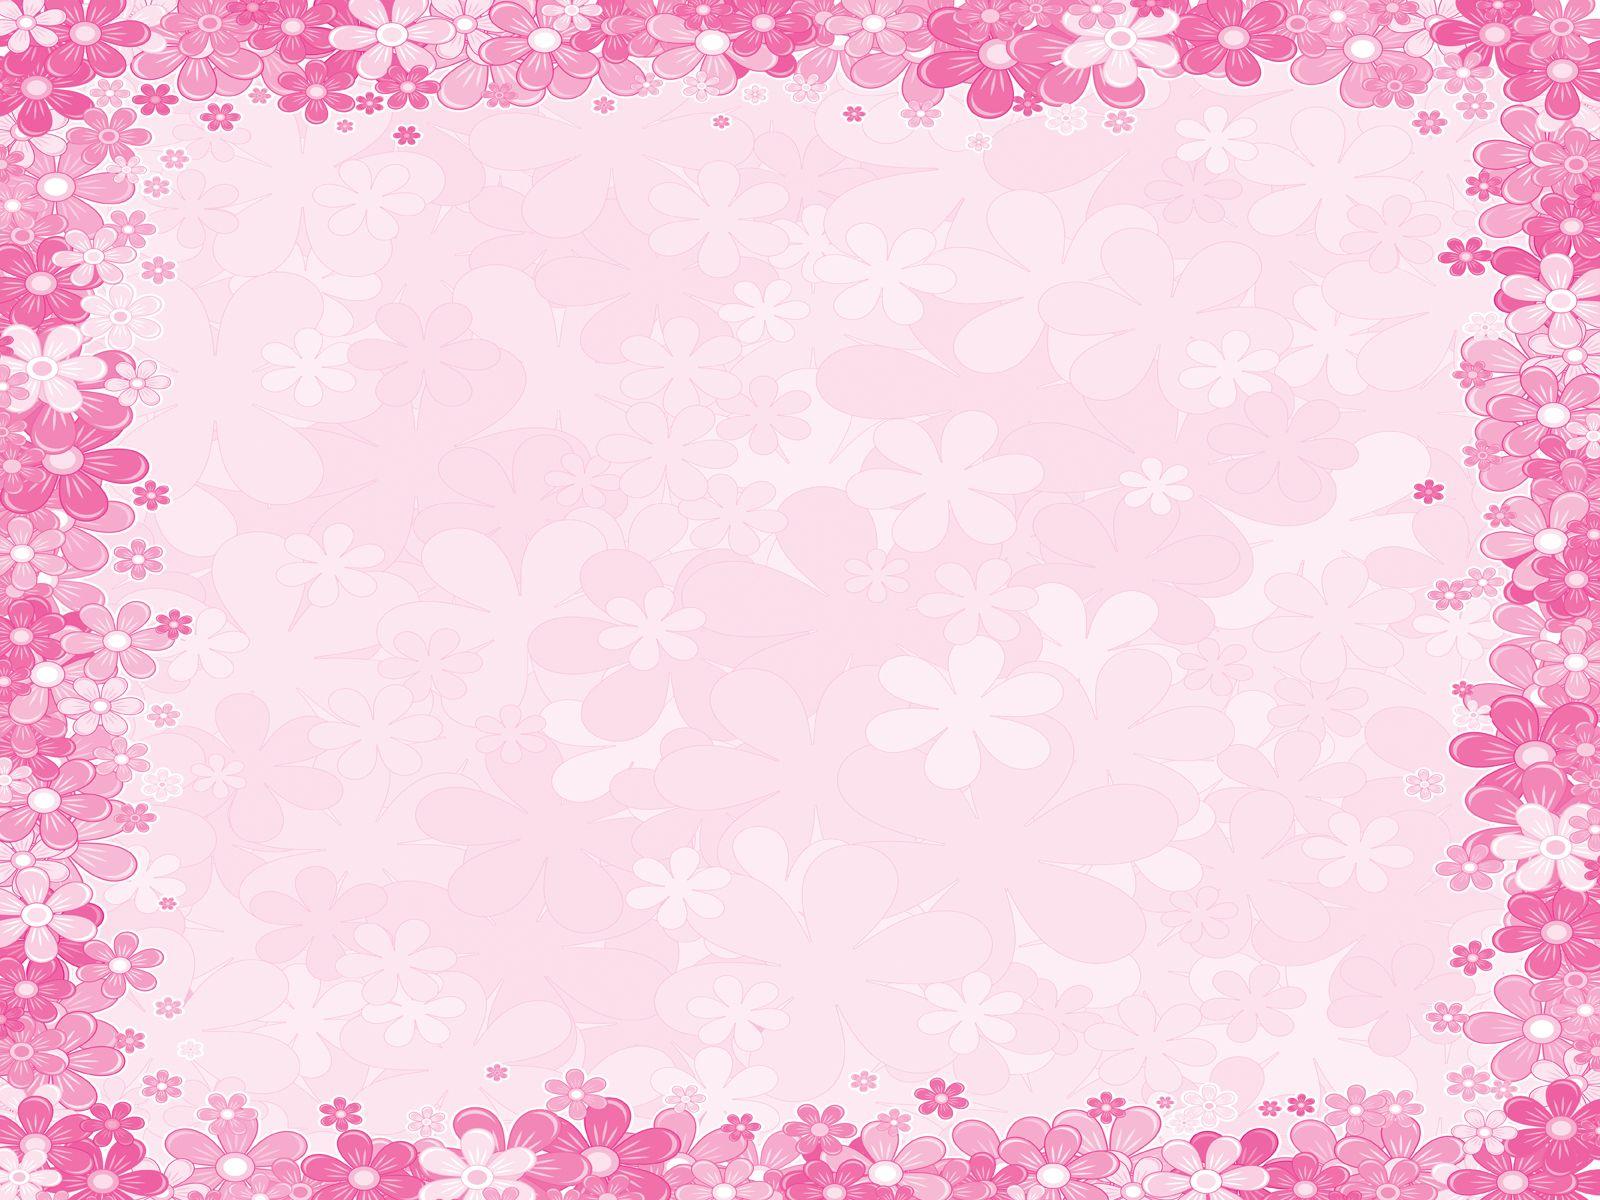 Powerpoint background pink tiredriveeasy powerpoint background pink mightylinksfo Gallery